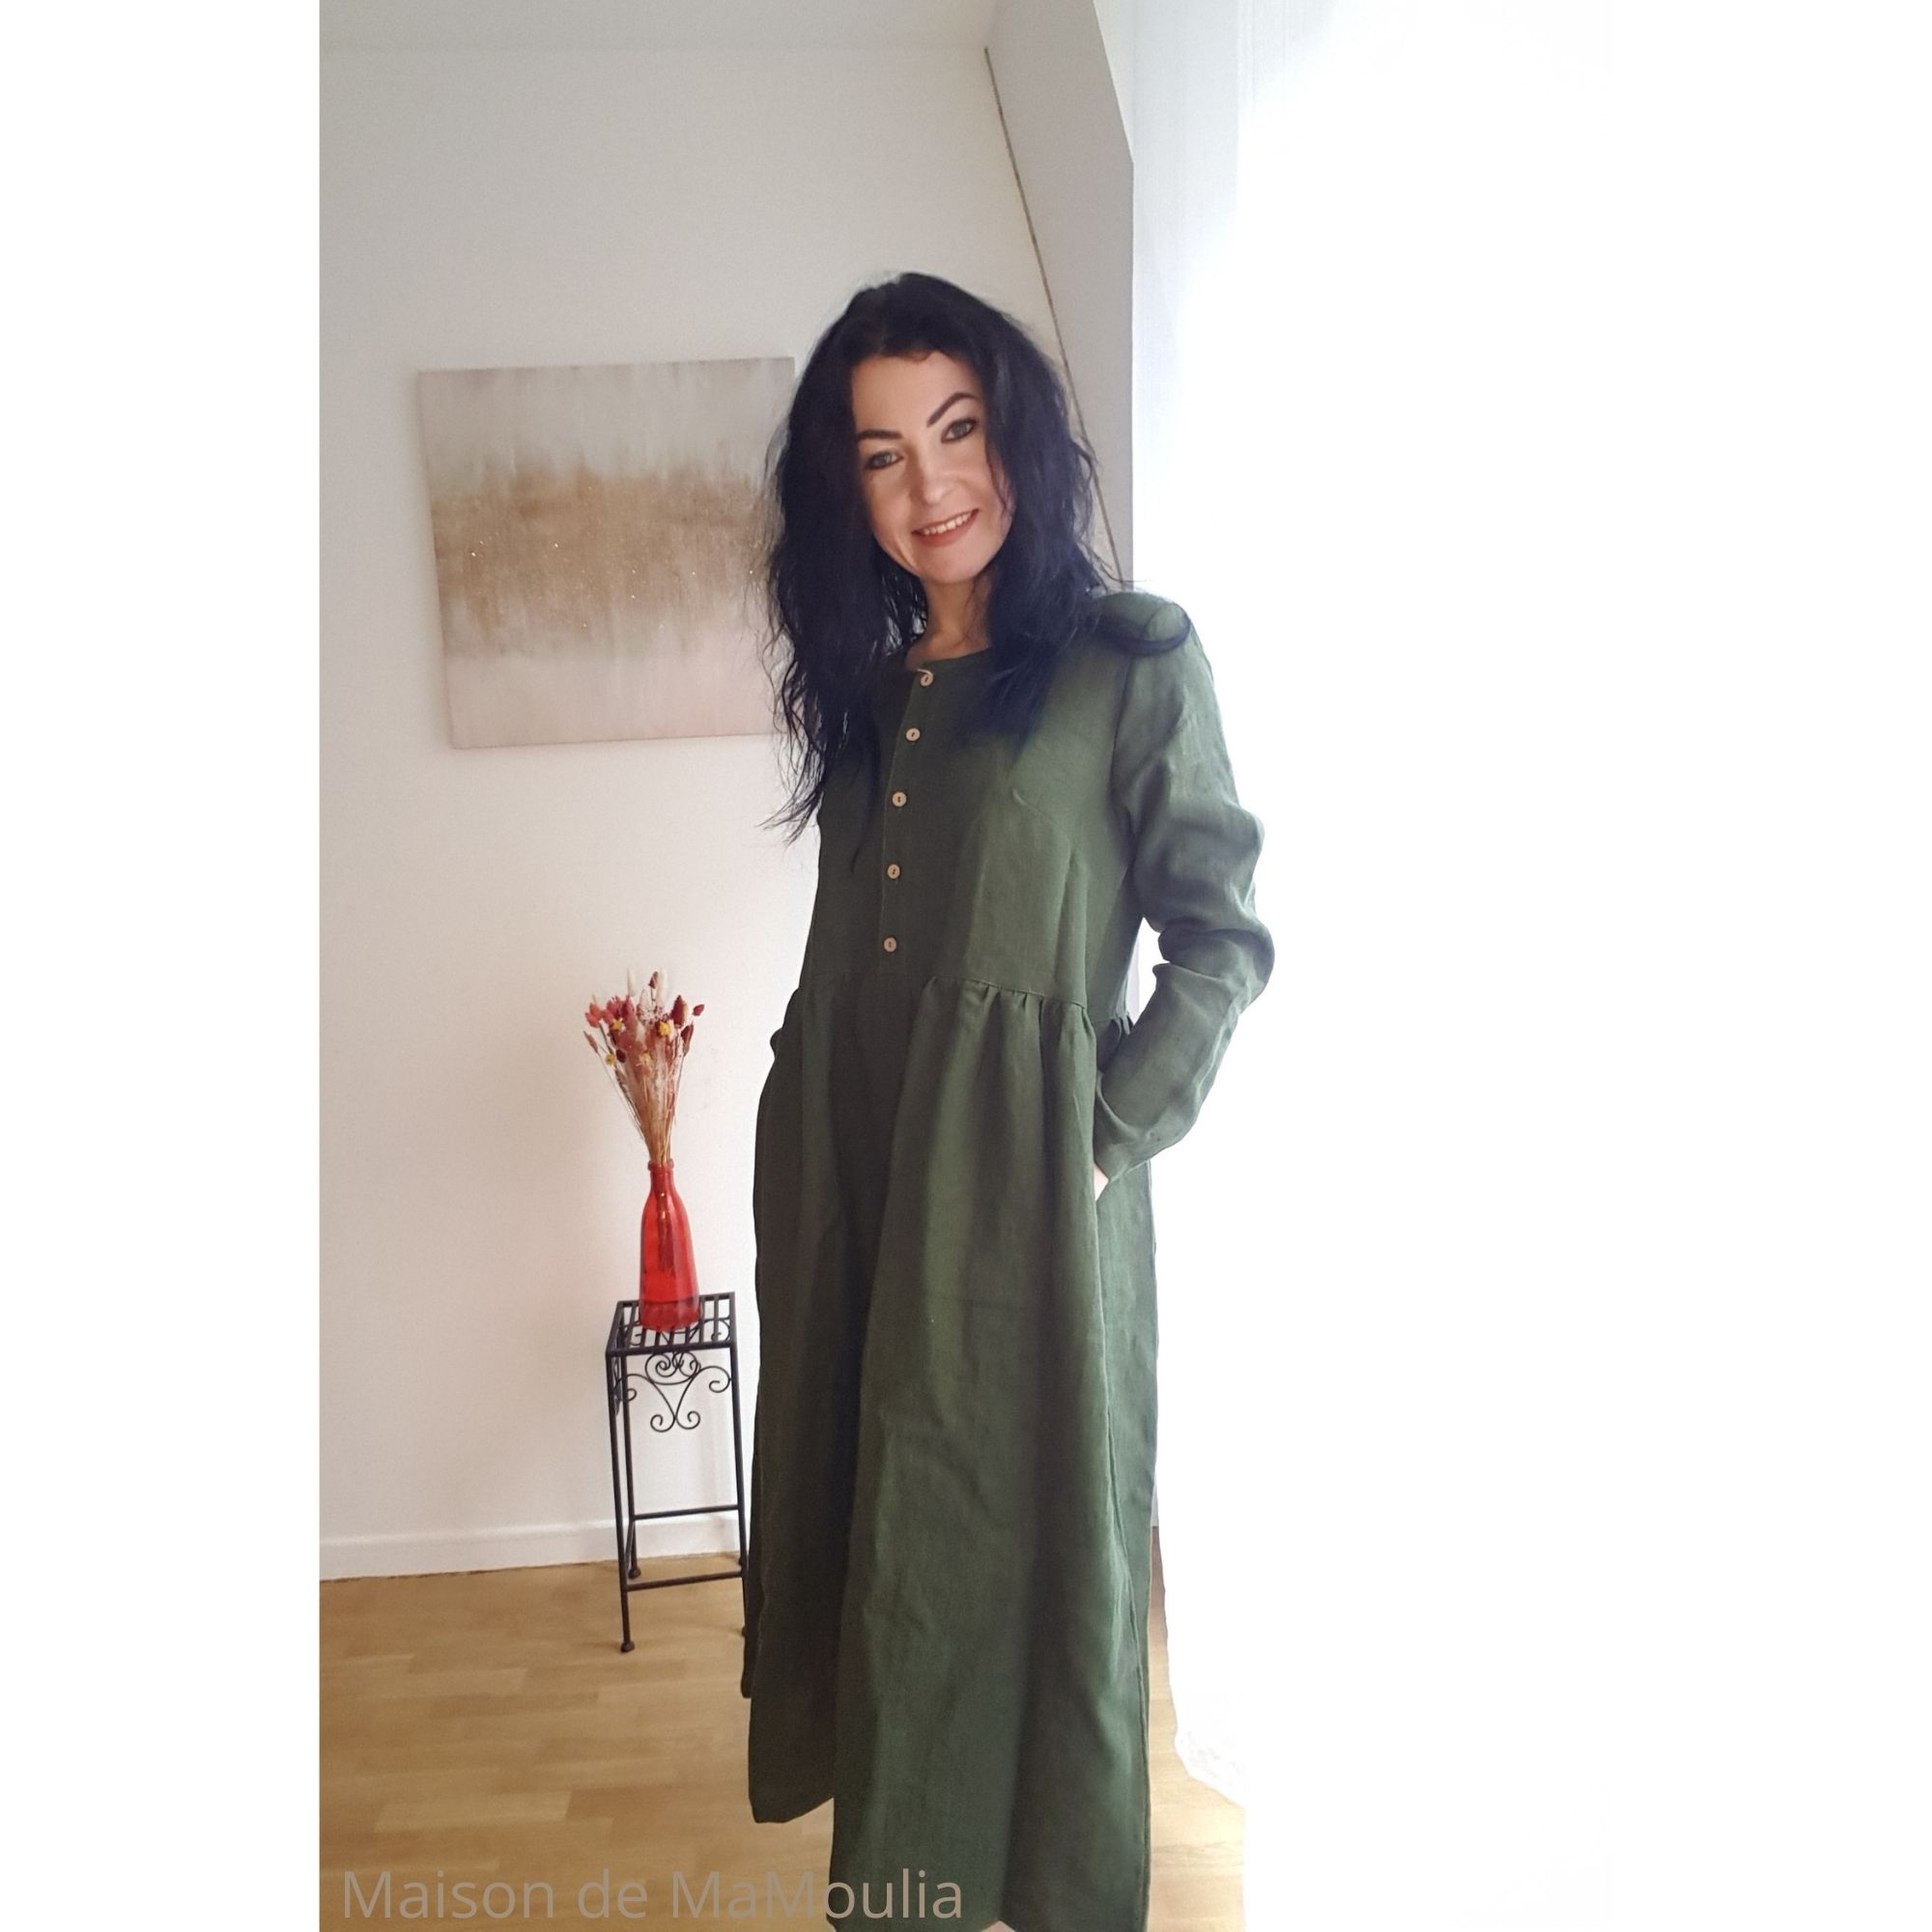 SIMPLY GREY - Robe très longue Boho pour femme - 100% lin lavé - Vert forêt